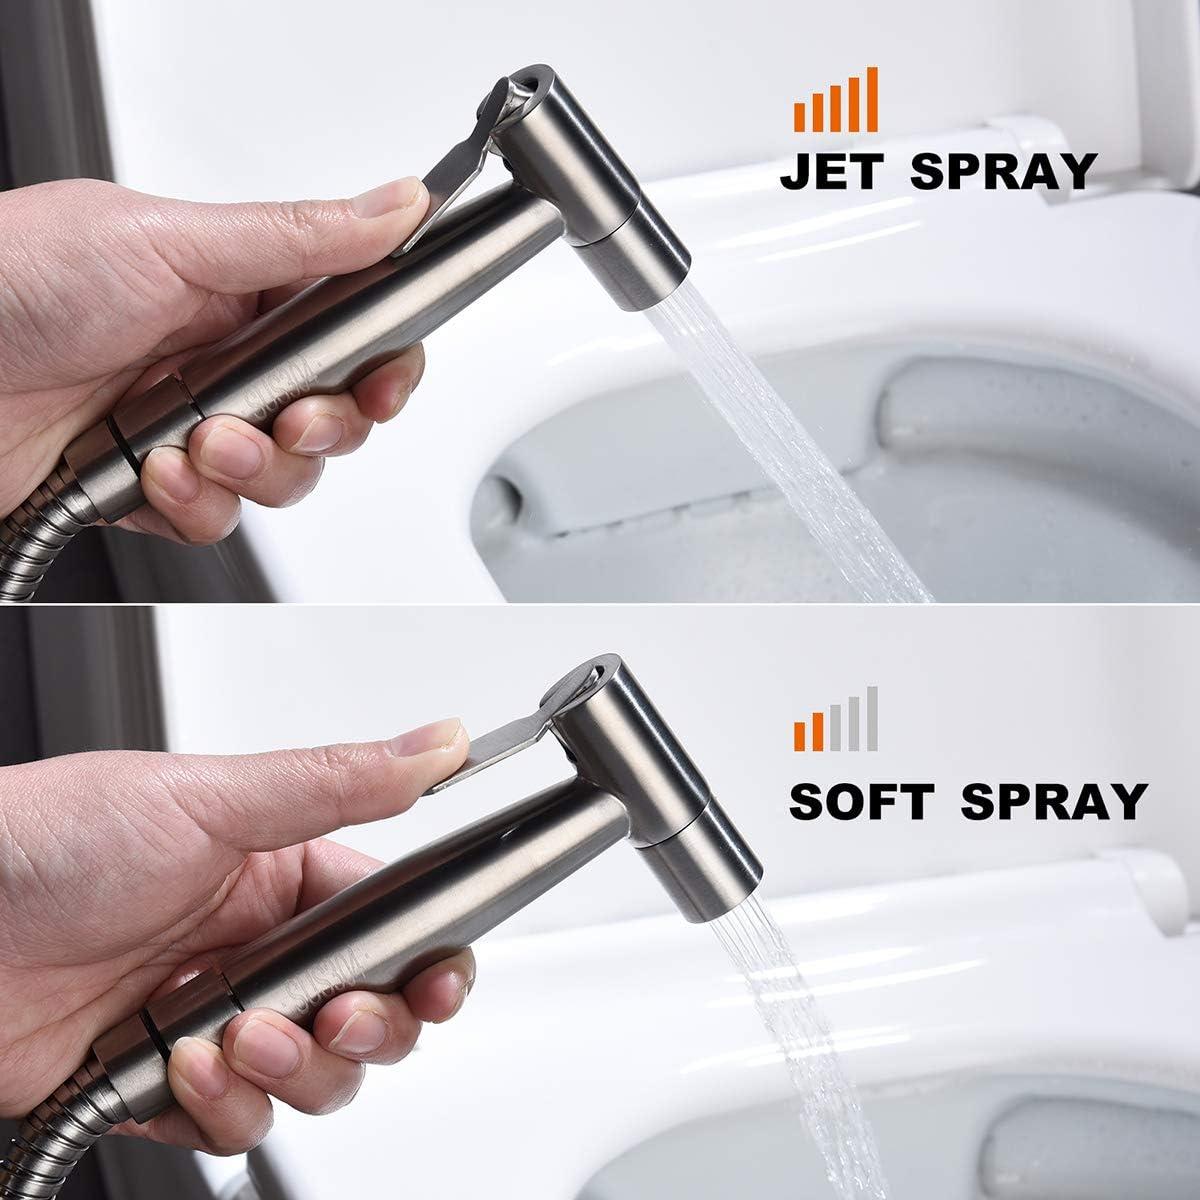 Pet Shower Water Sprayer Seat Bidet Attachment Bathroom Stainless Steel Spray for Personal Hygiene Cloth Diaper Cleaning JAKAGO Handheld Bidet Toilet Sprayer Kit Bidet Sprayer for Toilet